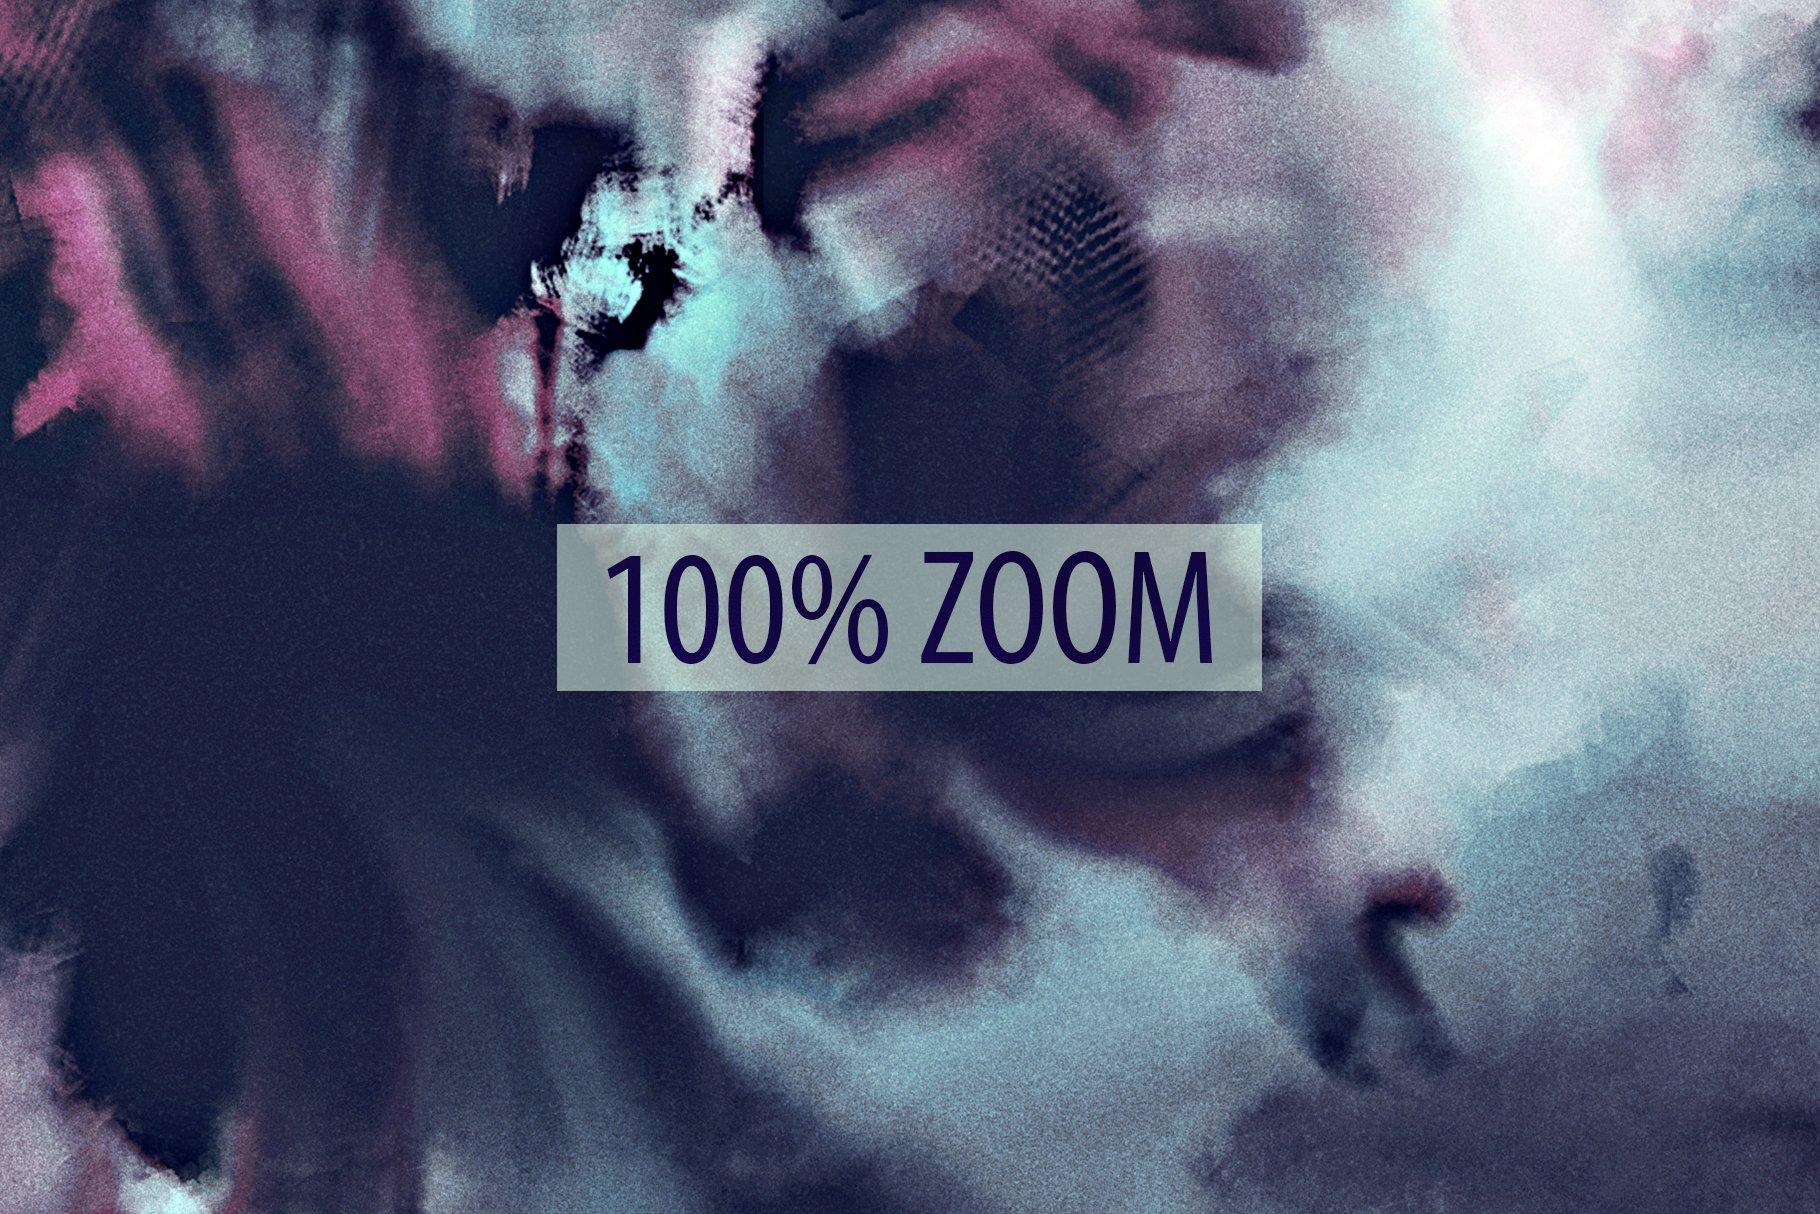 抽象紫色海军蓝绿色调丙烯酸油漆笔刷背景纹理图片素材 Brushstroke Textures Collection插图(14)